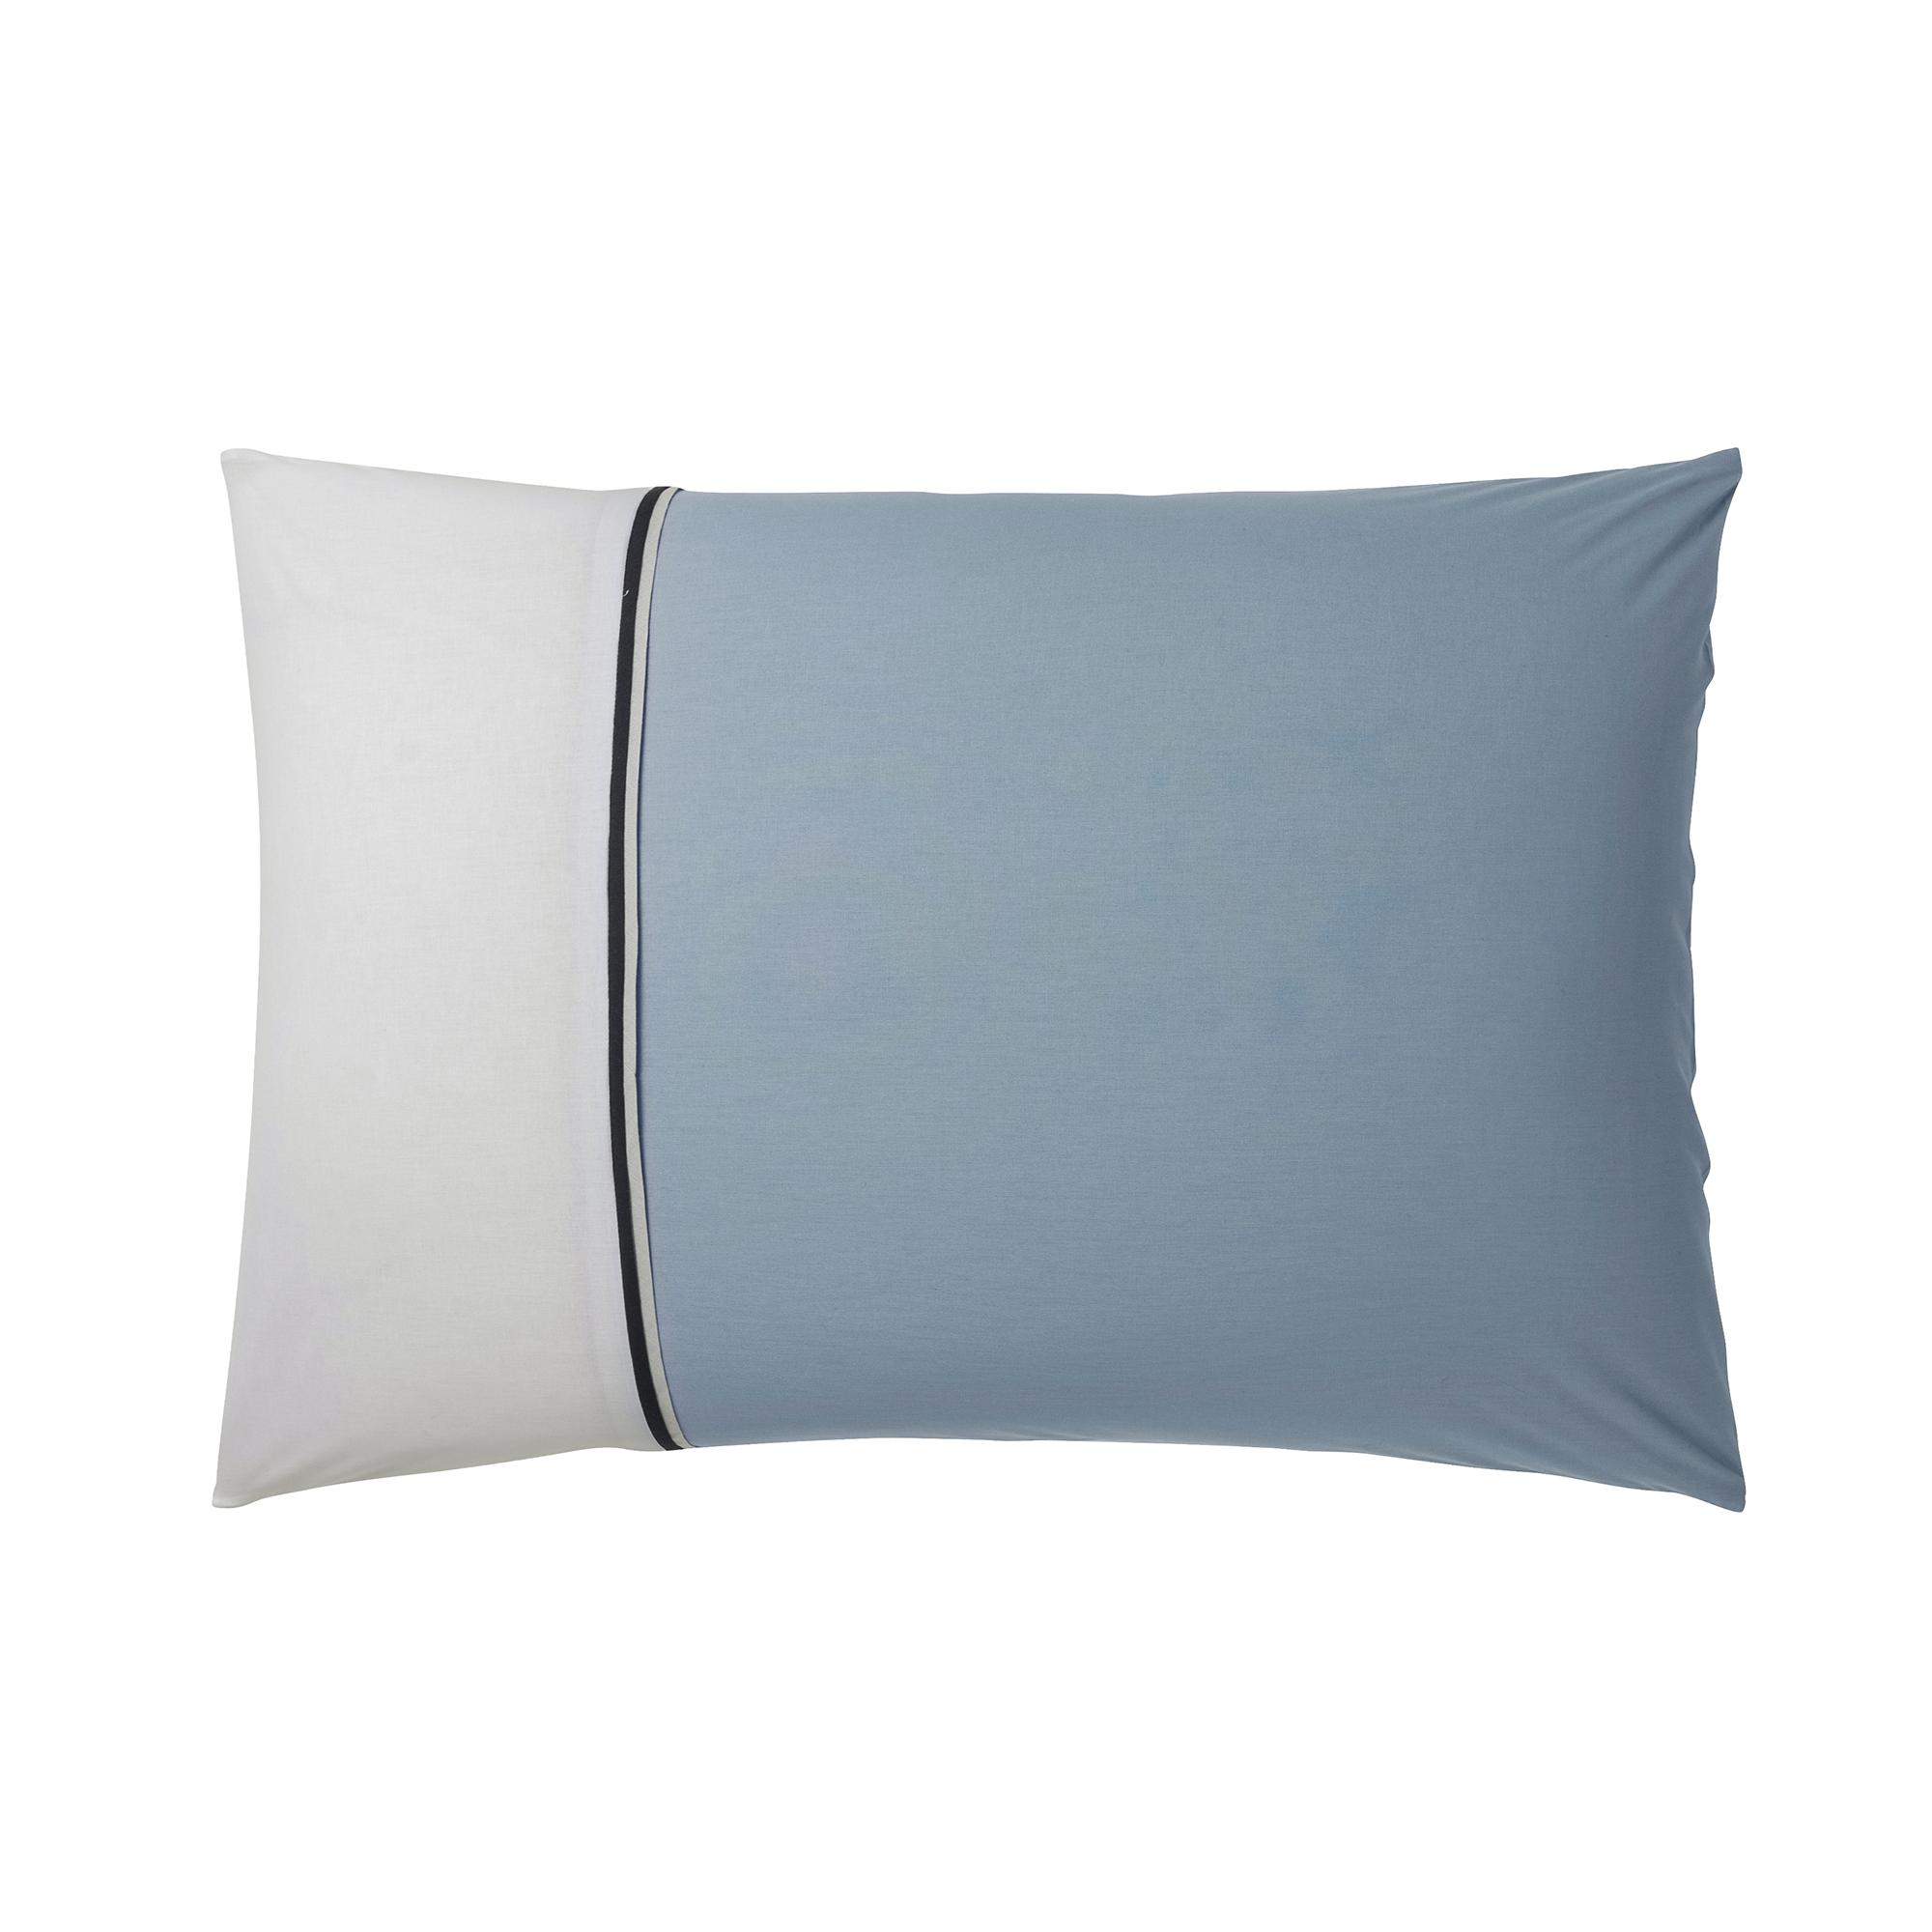 Taie d'oreiller en coton turquoise et blanc 50 x 70